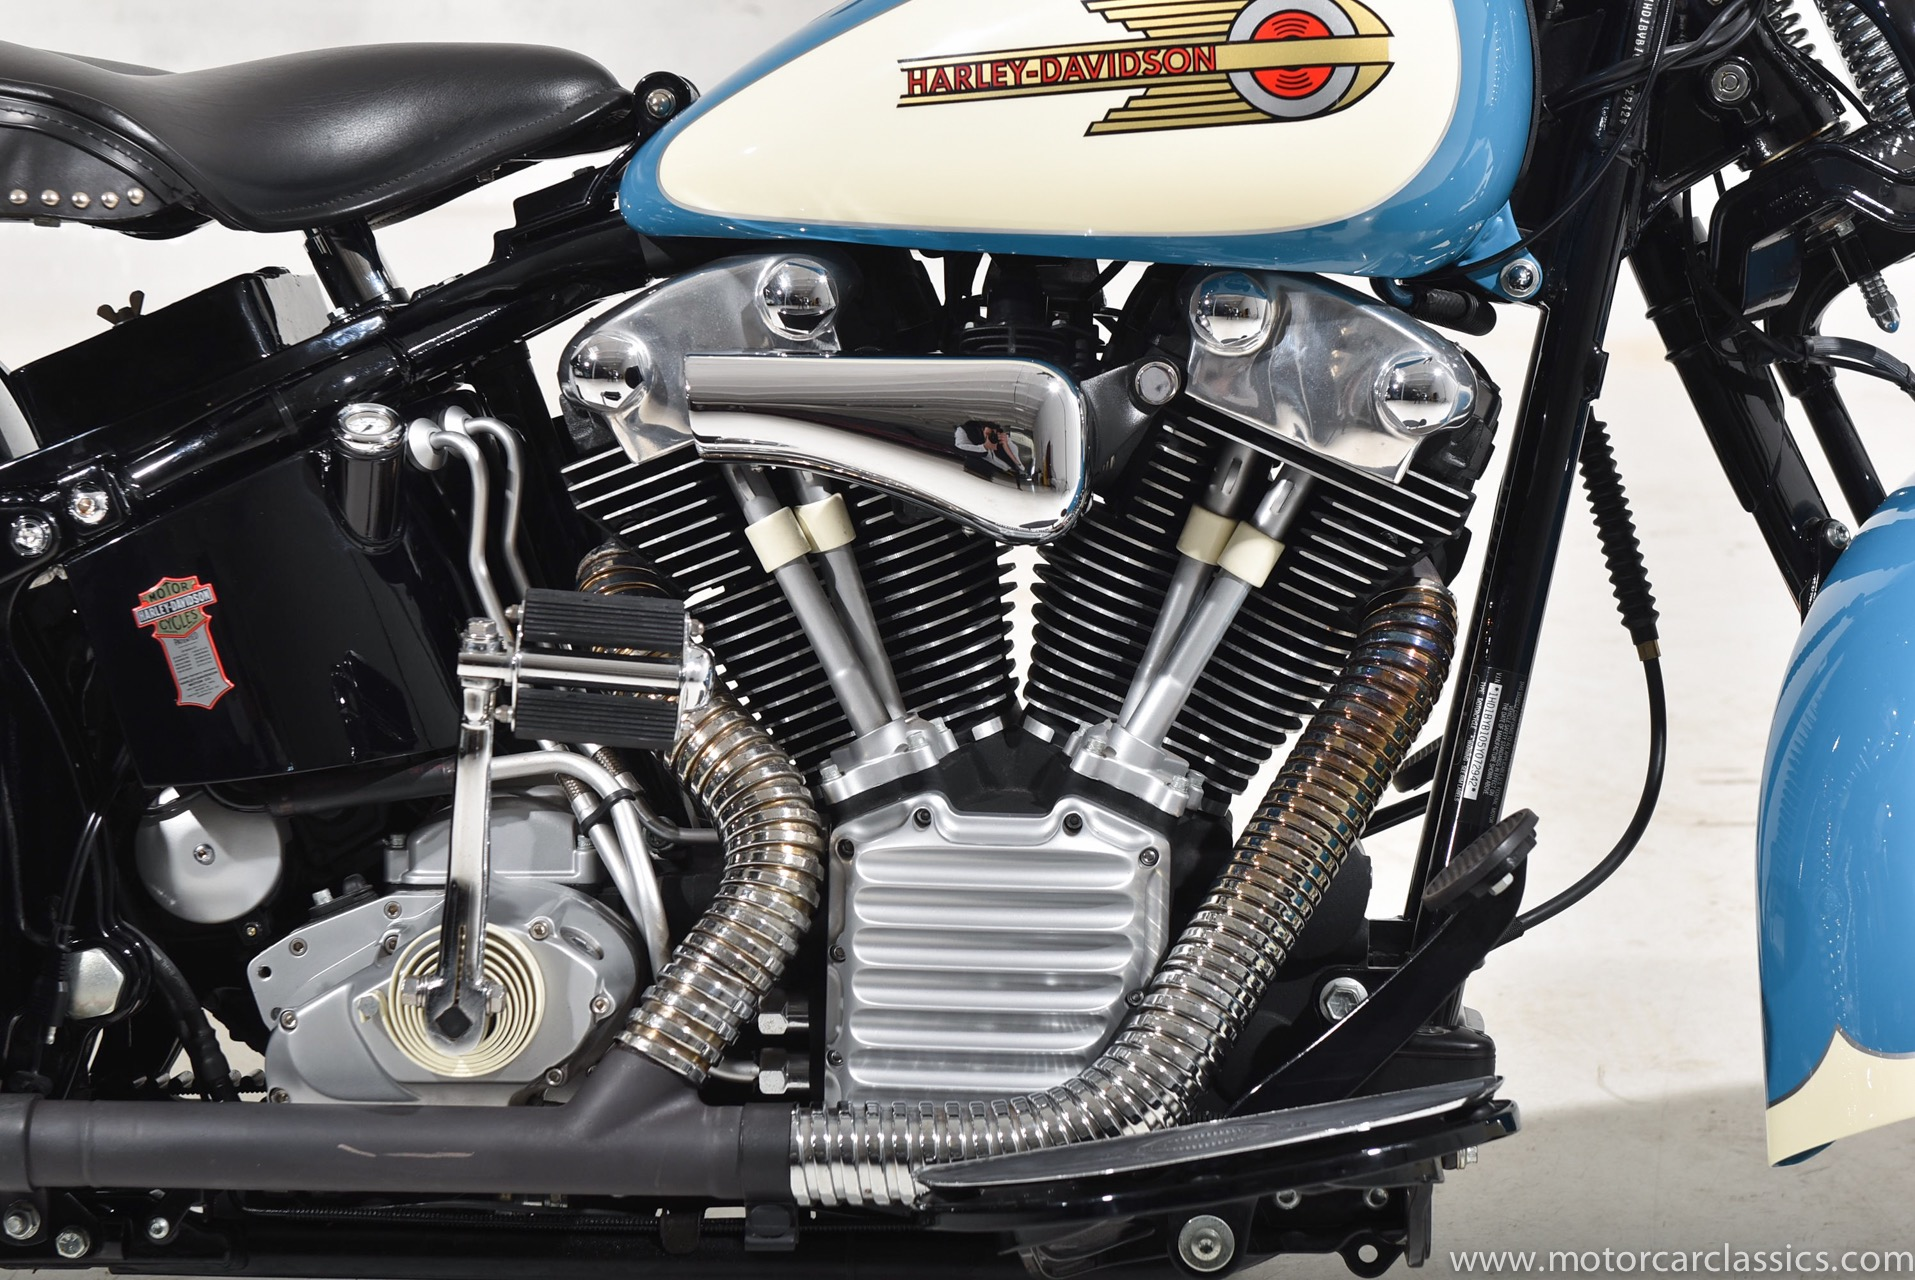 2005 Harley-Davidson Springer